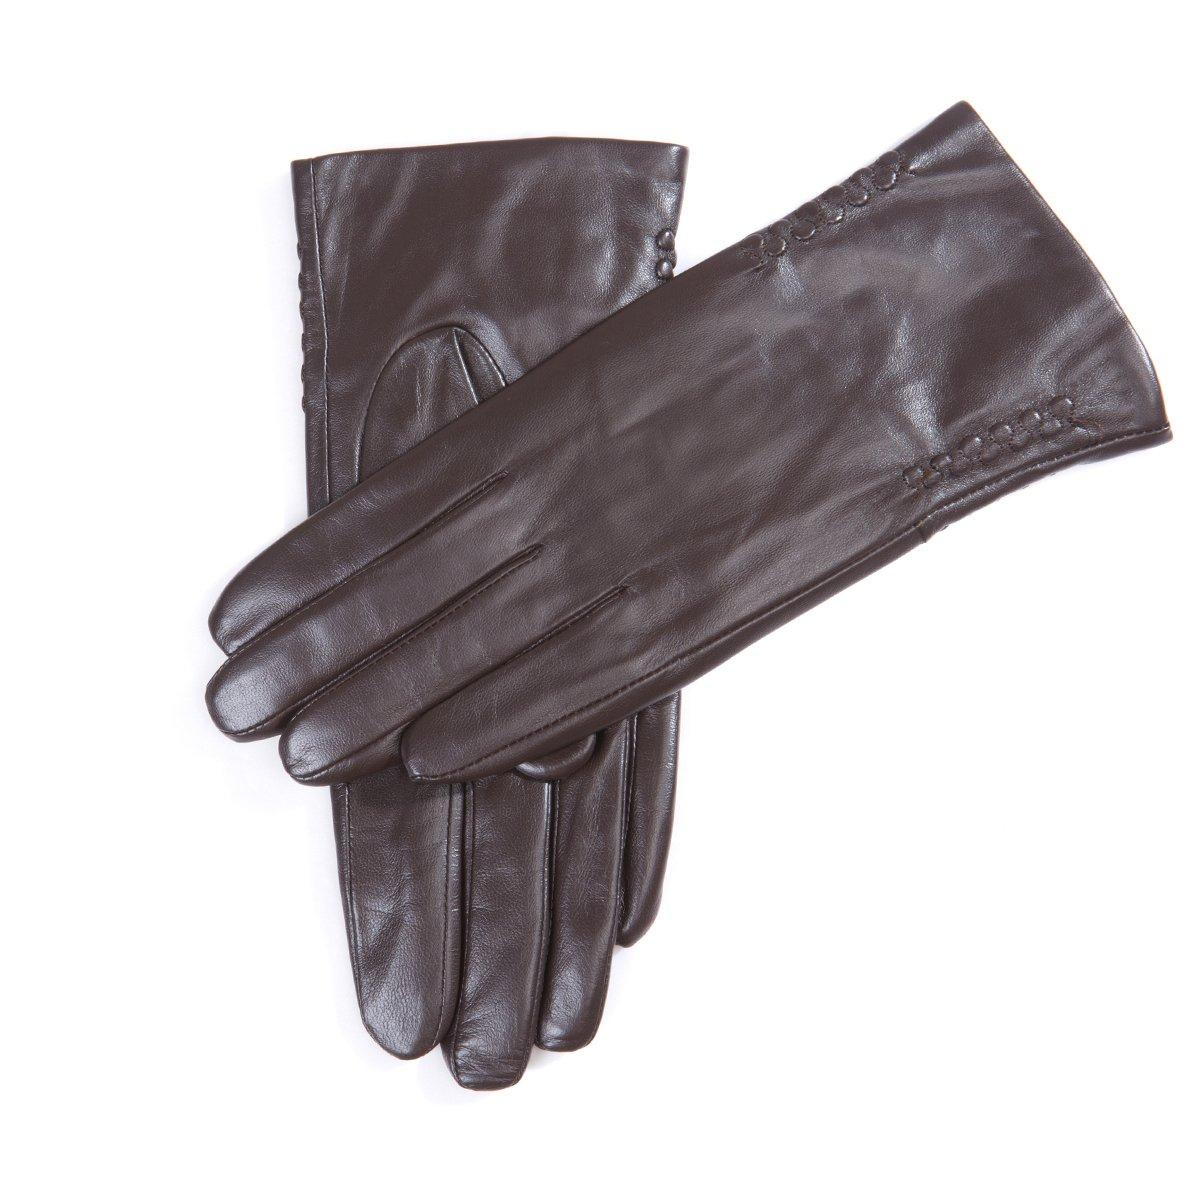 MATSU Women Winter Warm Lambskin Leather Long Fleece Lined Gloves M9114 (M, Brown)